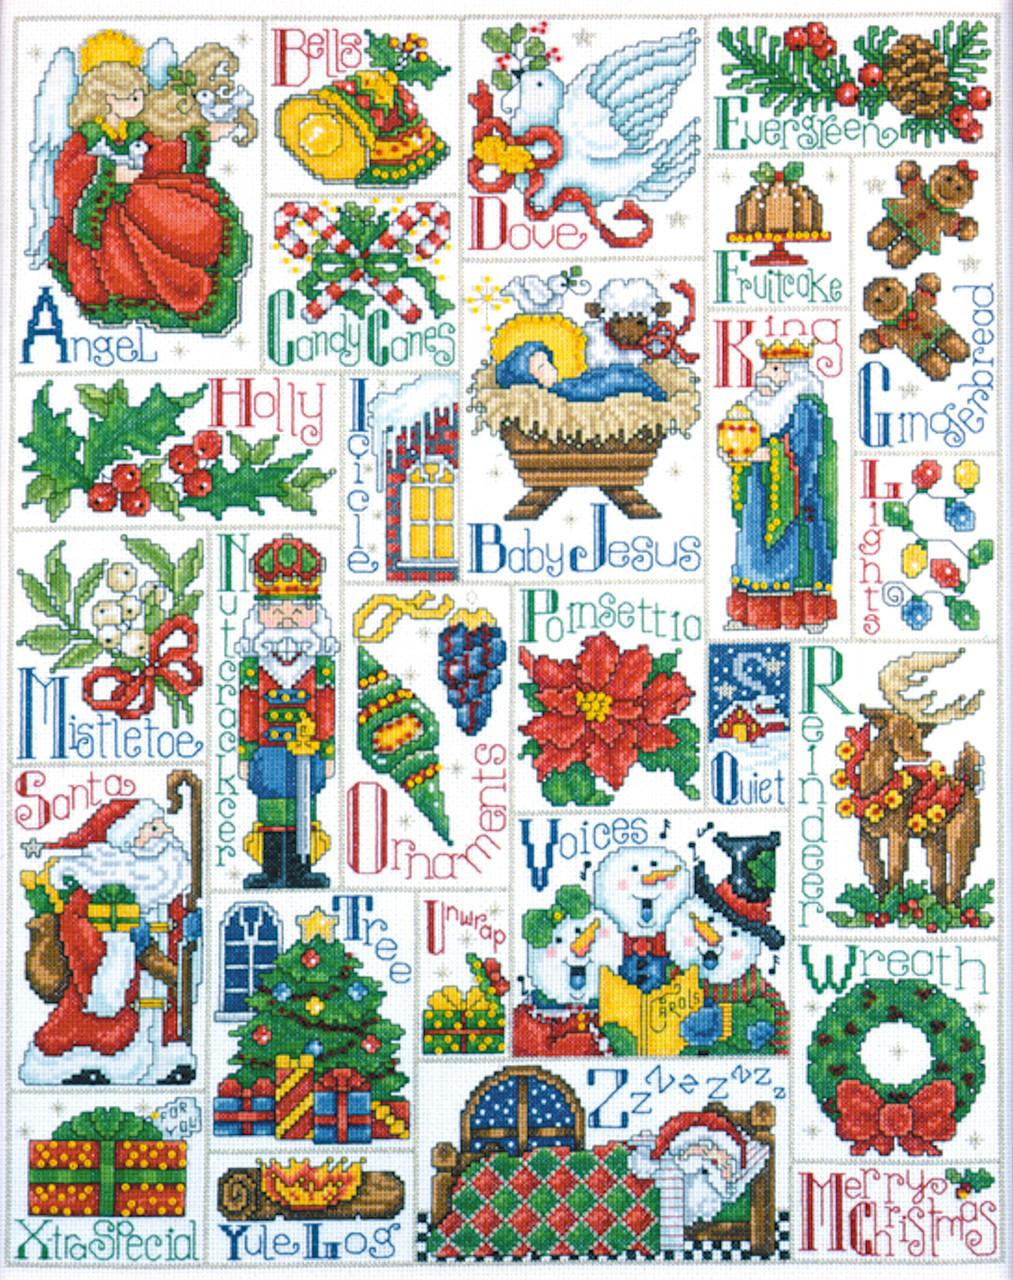 Stitching ABC Alphabet Cross Stitch Kit by Design Works